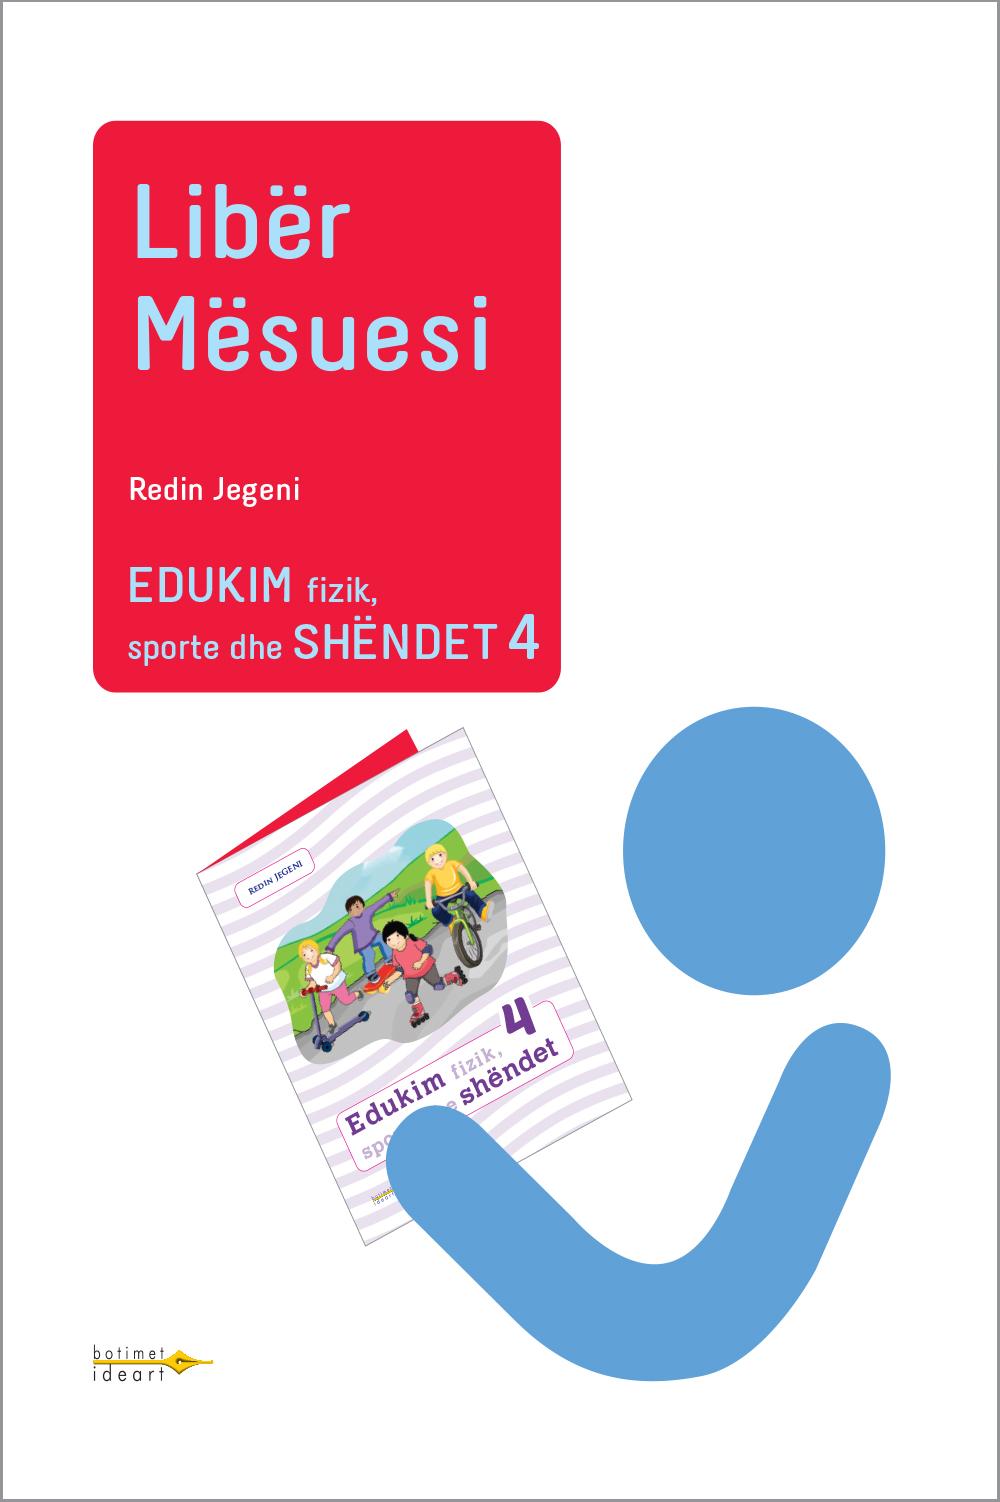 Edukim fizik, sporte dhe shëndet 4<br>Libër Mësuesi